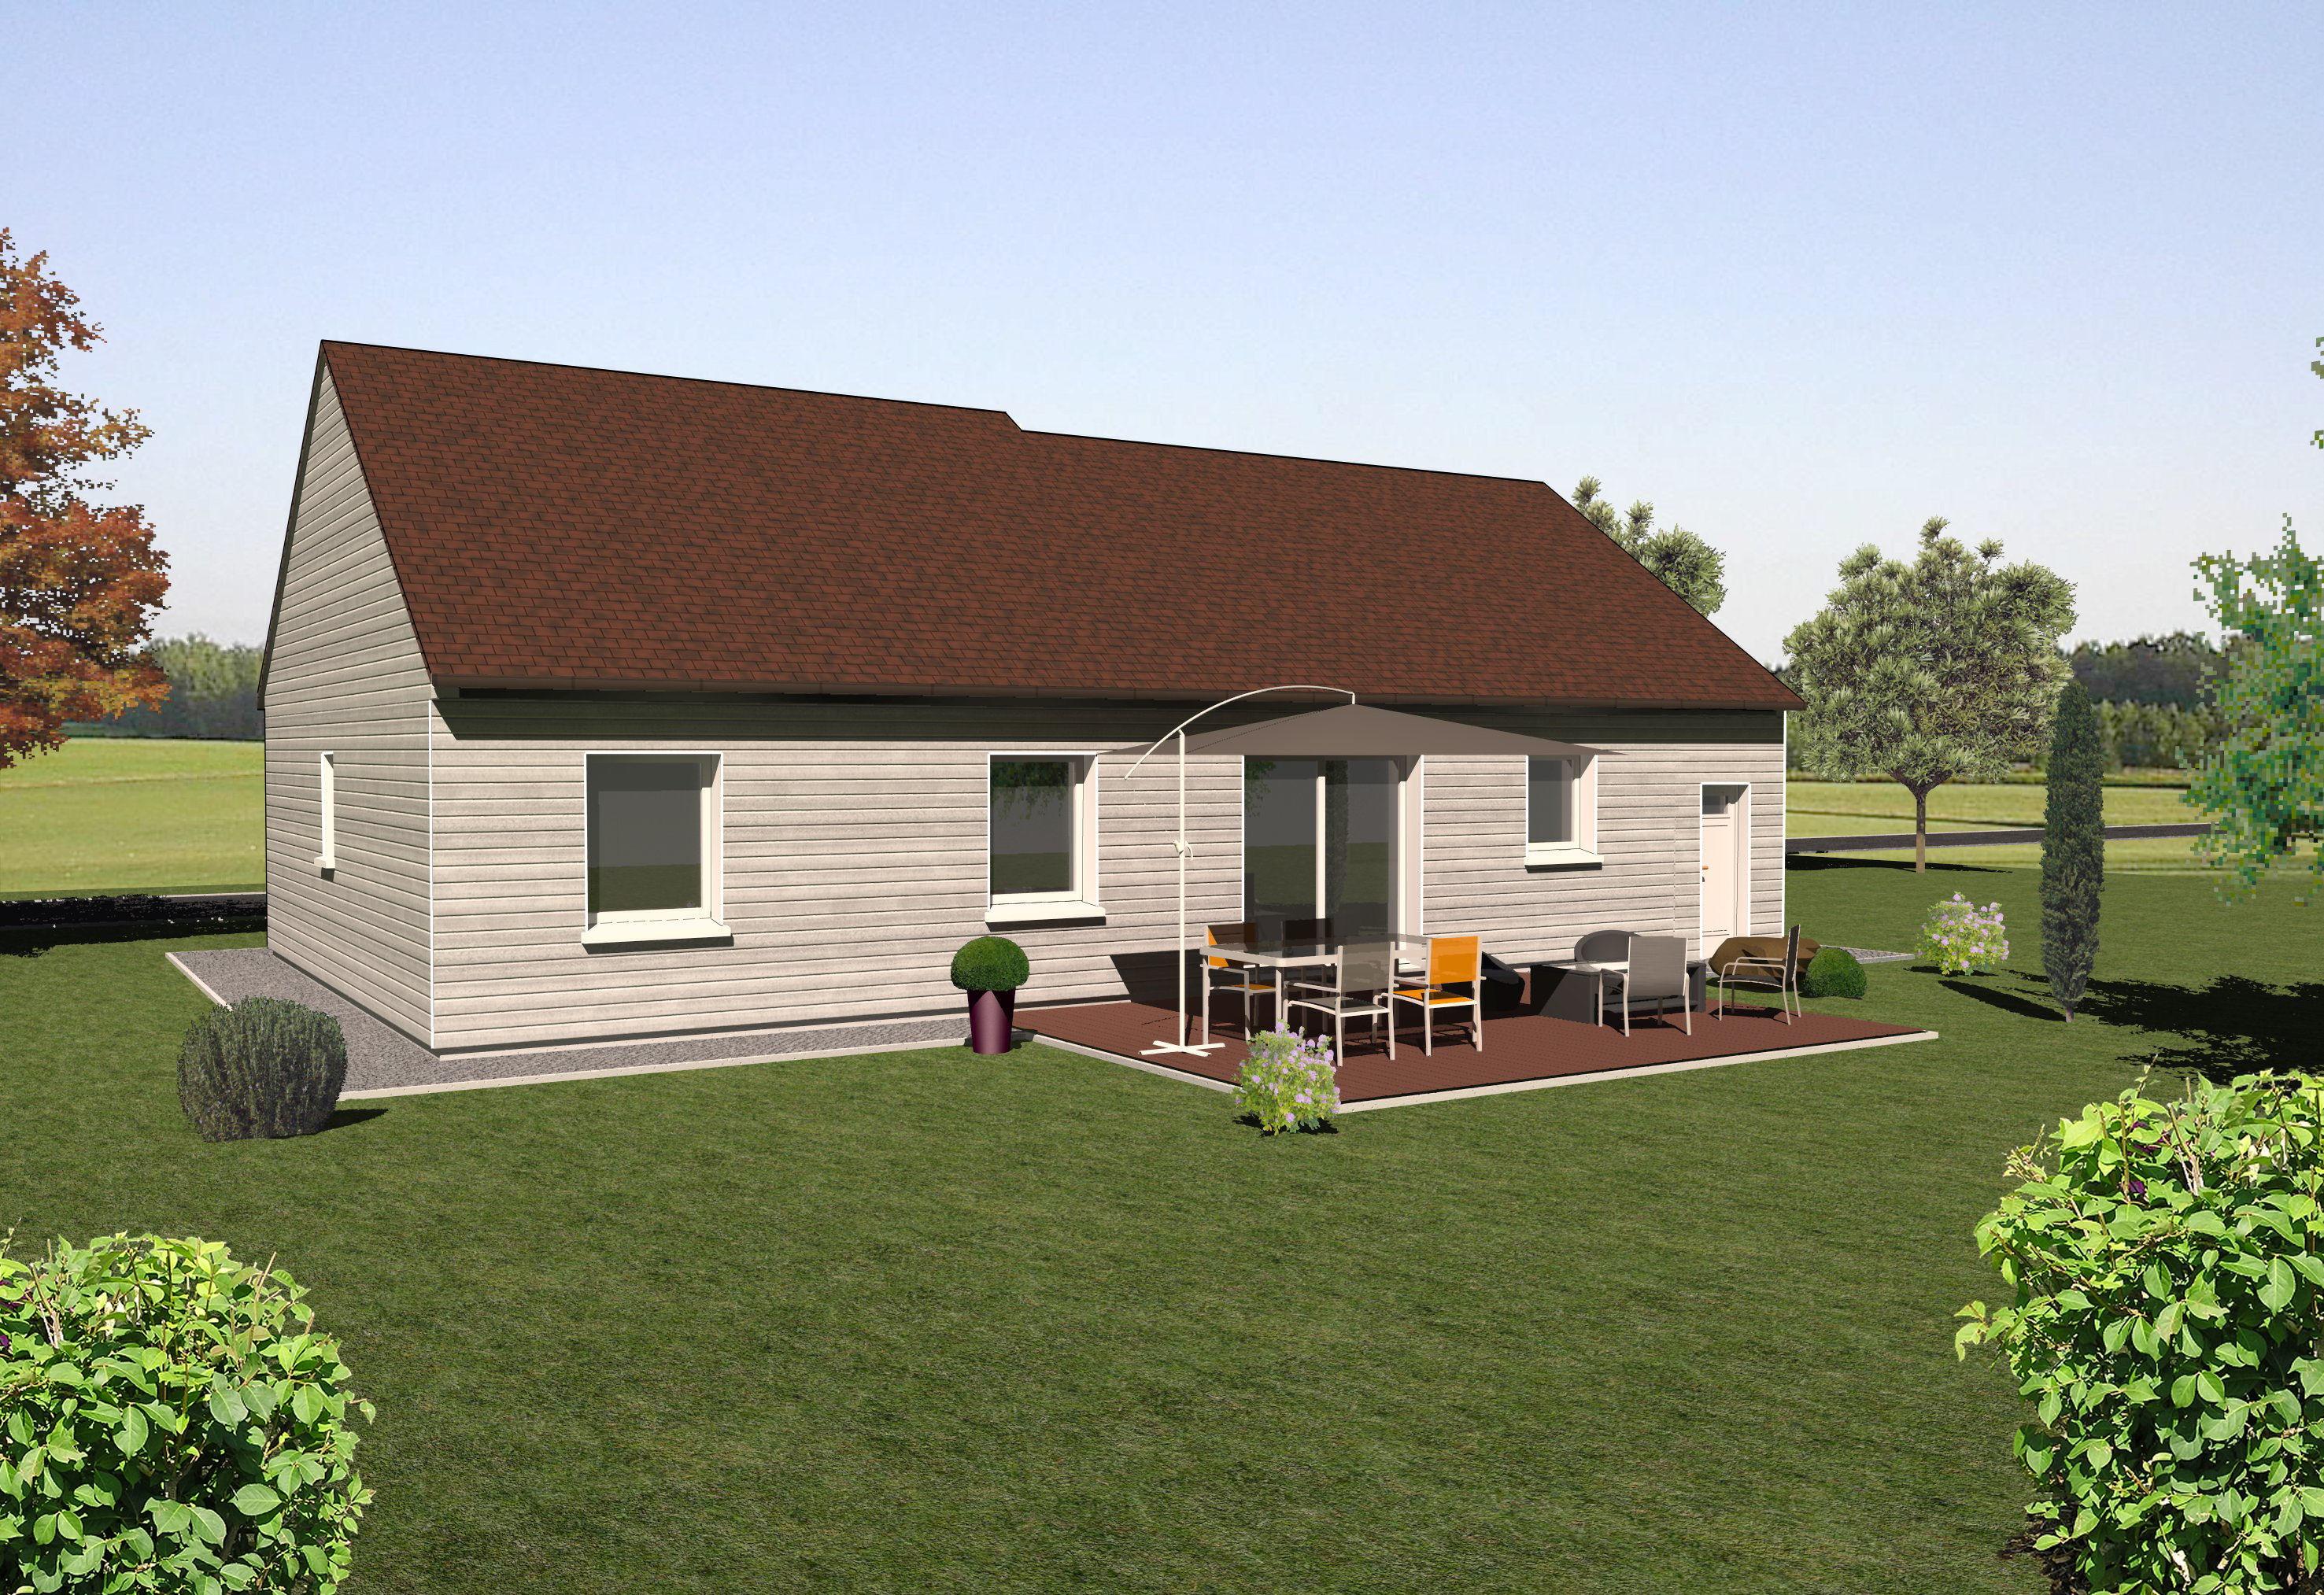 Les maisons ossature bois de plain pied mod le robinier for Modele maison en bois plain pied